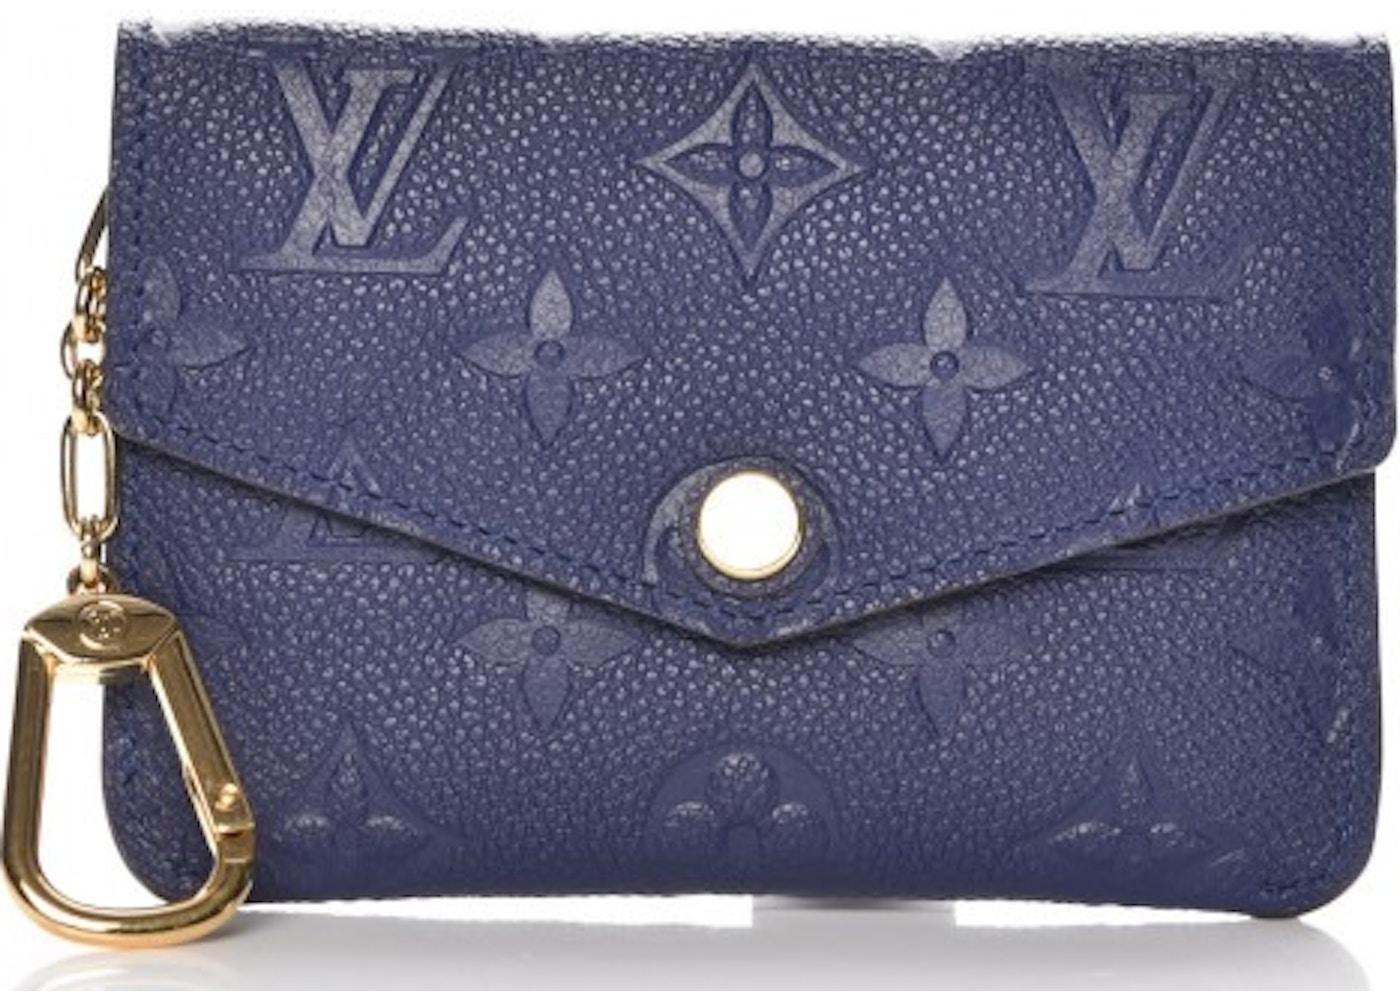 c79199e512d3 Louis Vuitton Key Pouch Monogram Empreinte Iris. Monogram Empreinte Iris